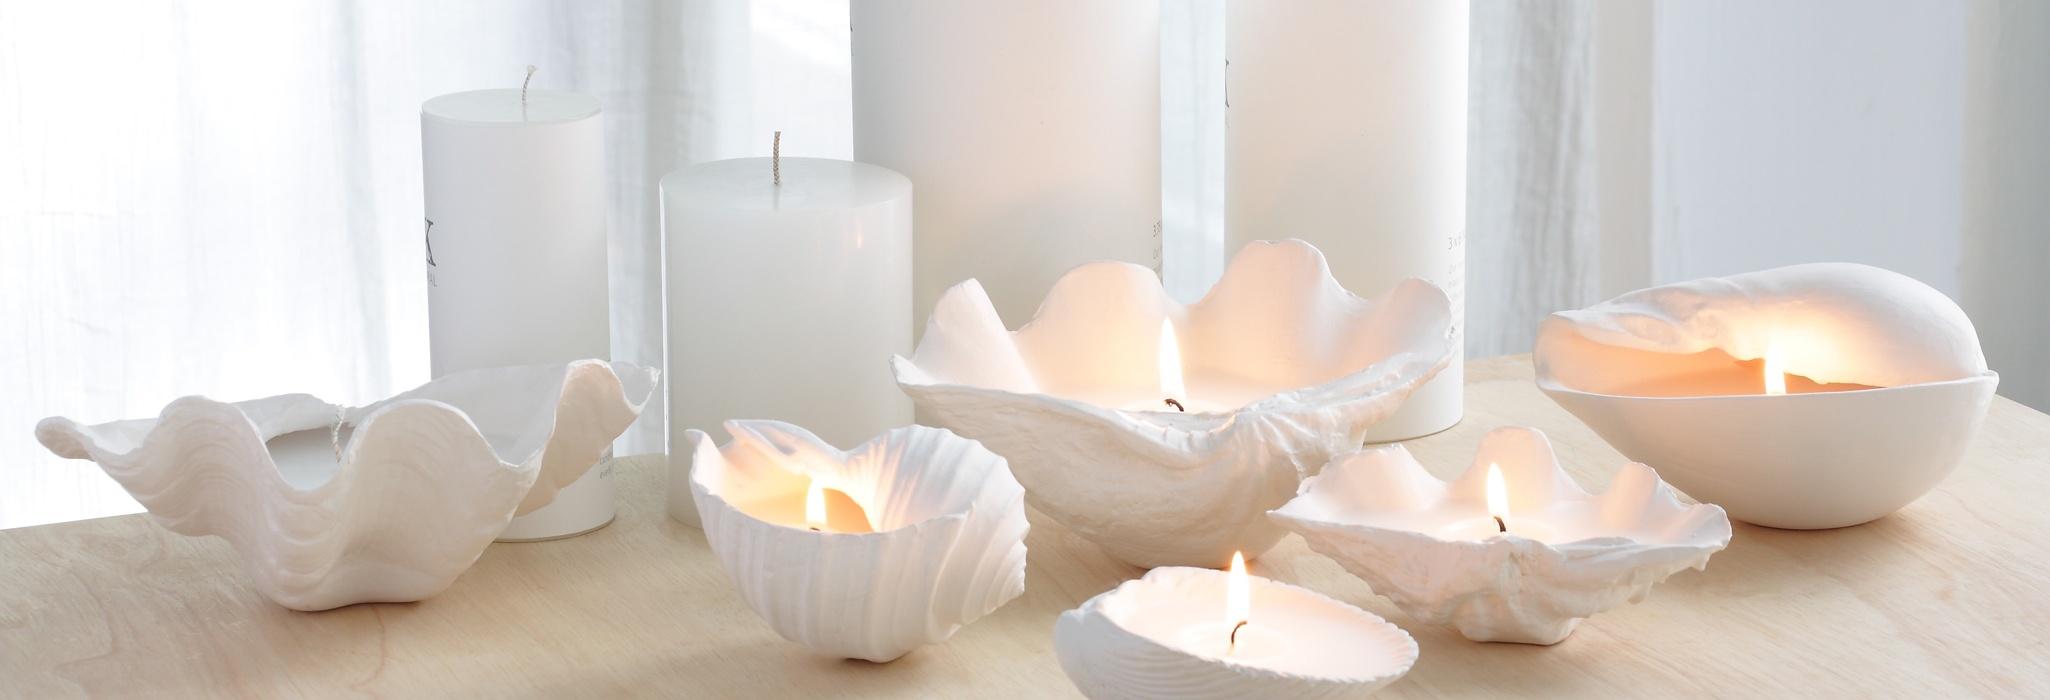 شمع استوانه قطر ١٥ * ١٠